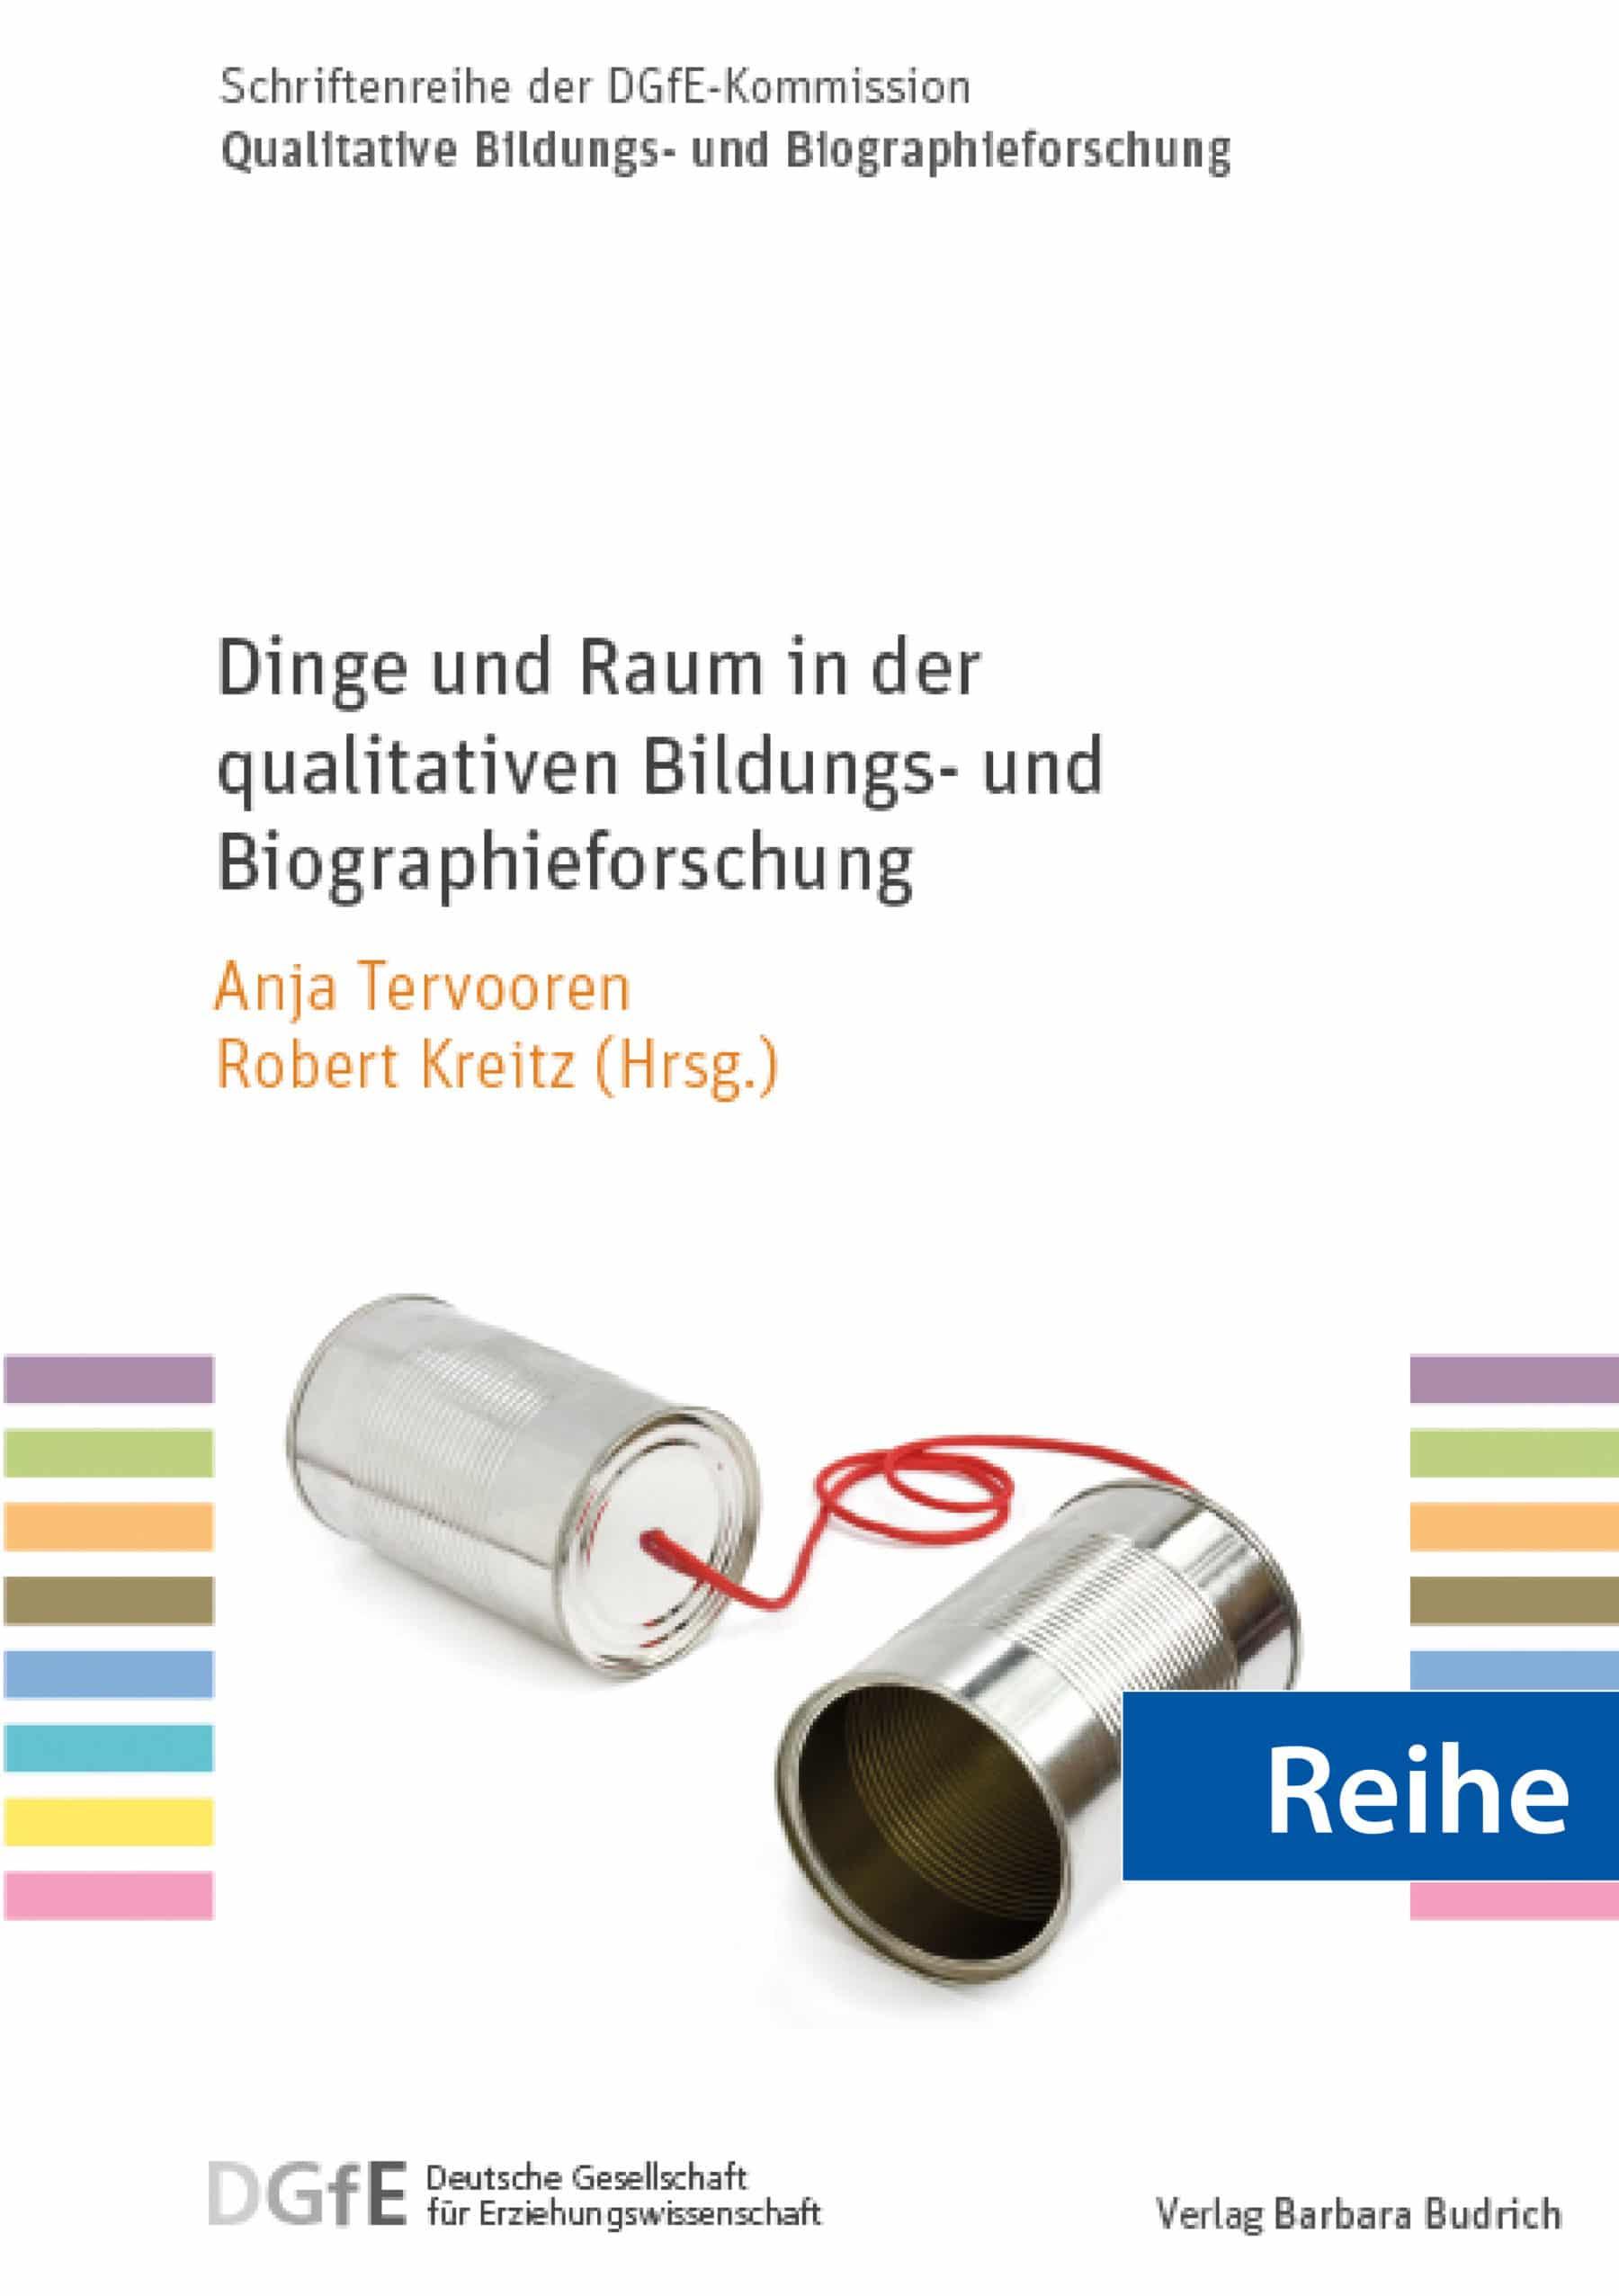 Reihe – Schriftenreihe der DGfE-Kommission Qualitative Bildungs- und Biographieforschung